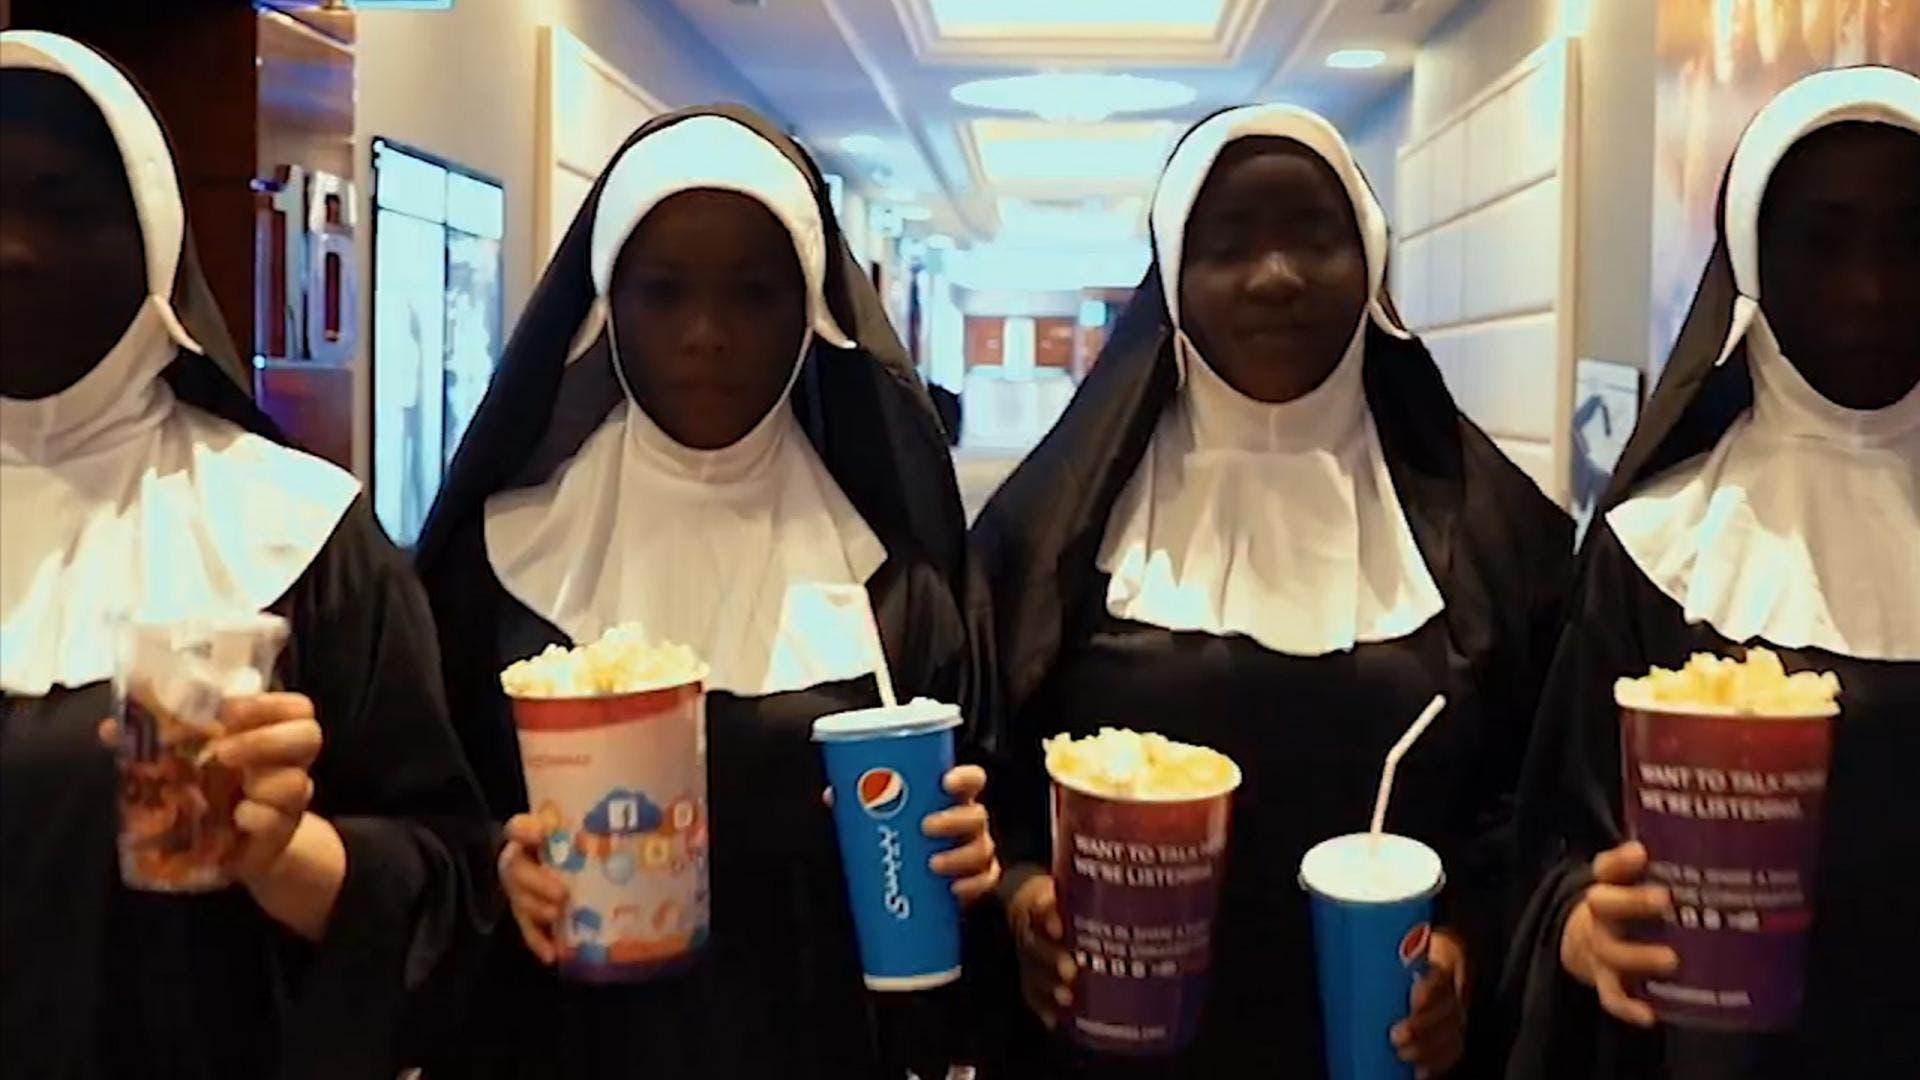 في دبي... راهبات يُثرن الرعب والتشويق في إحدى دور السينما    البوابة